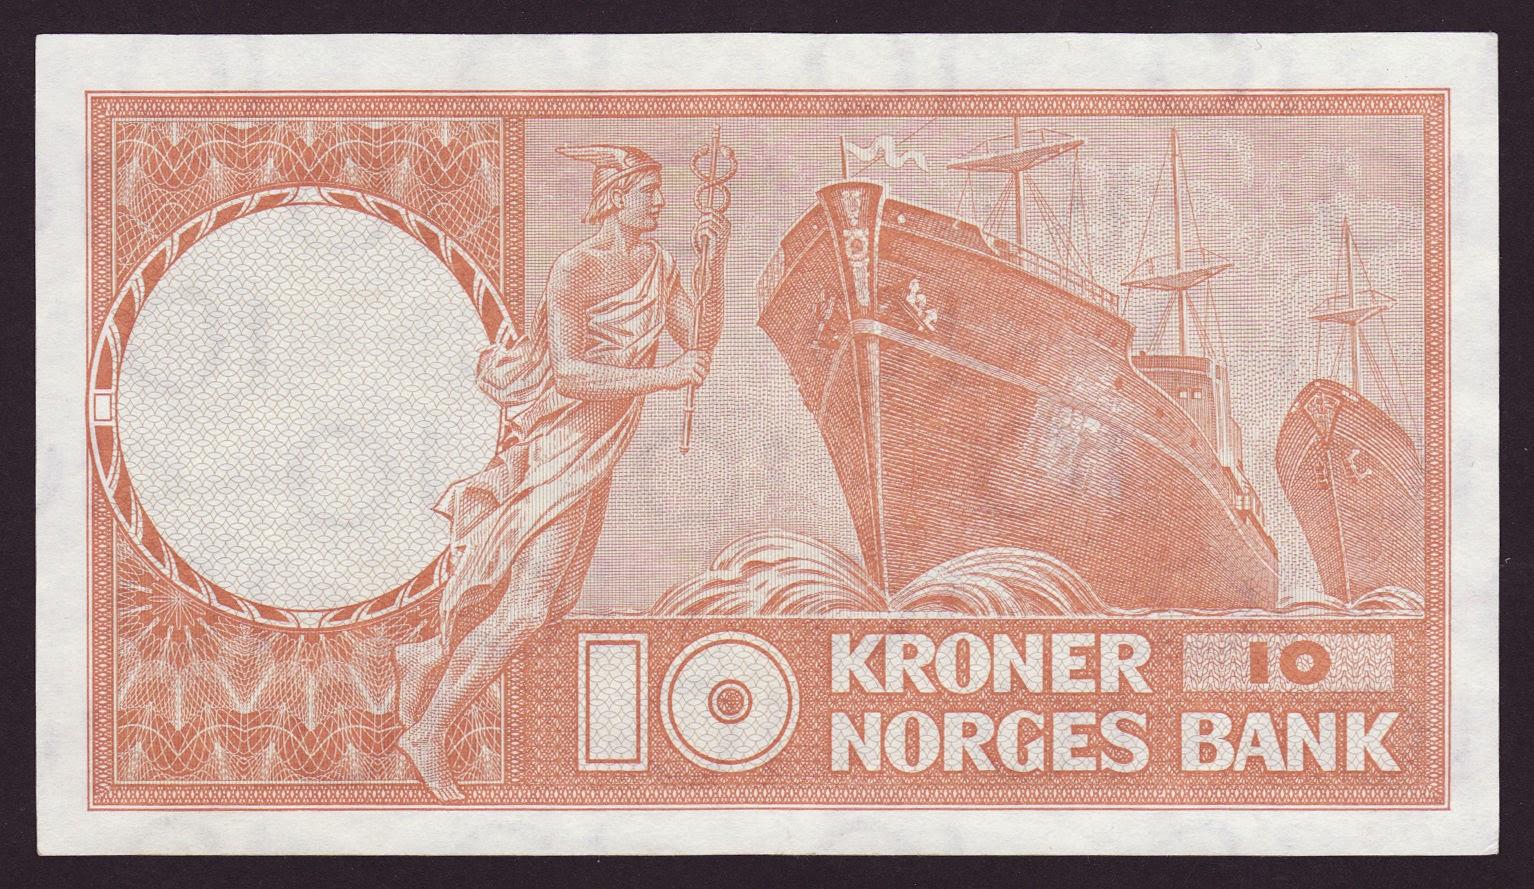 Norway 10 Kroner banknote 1967